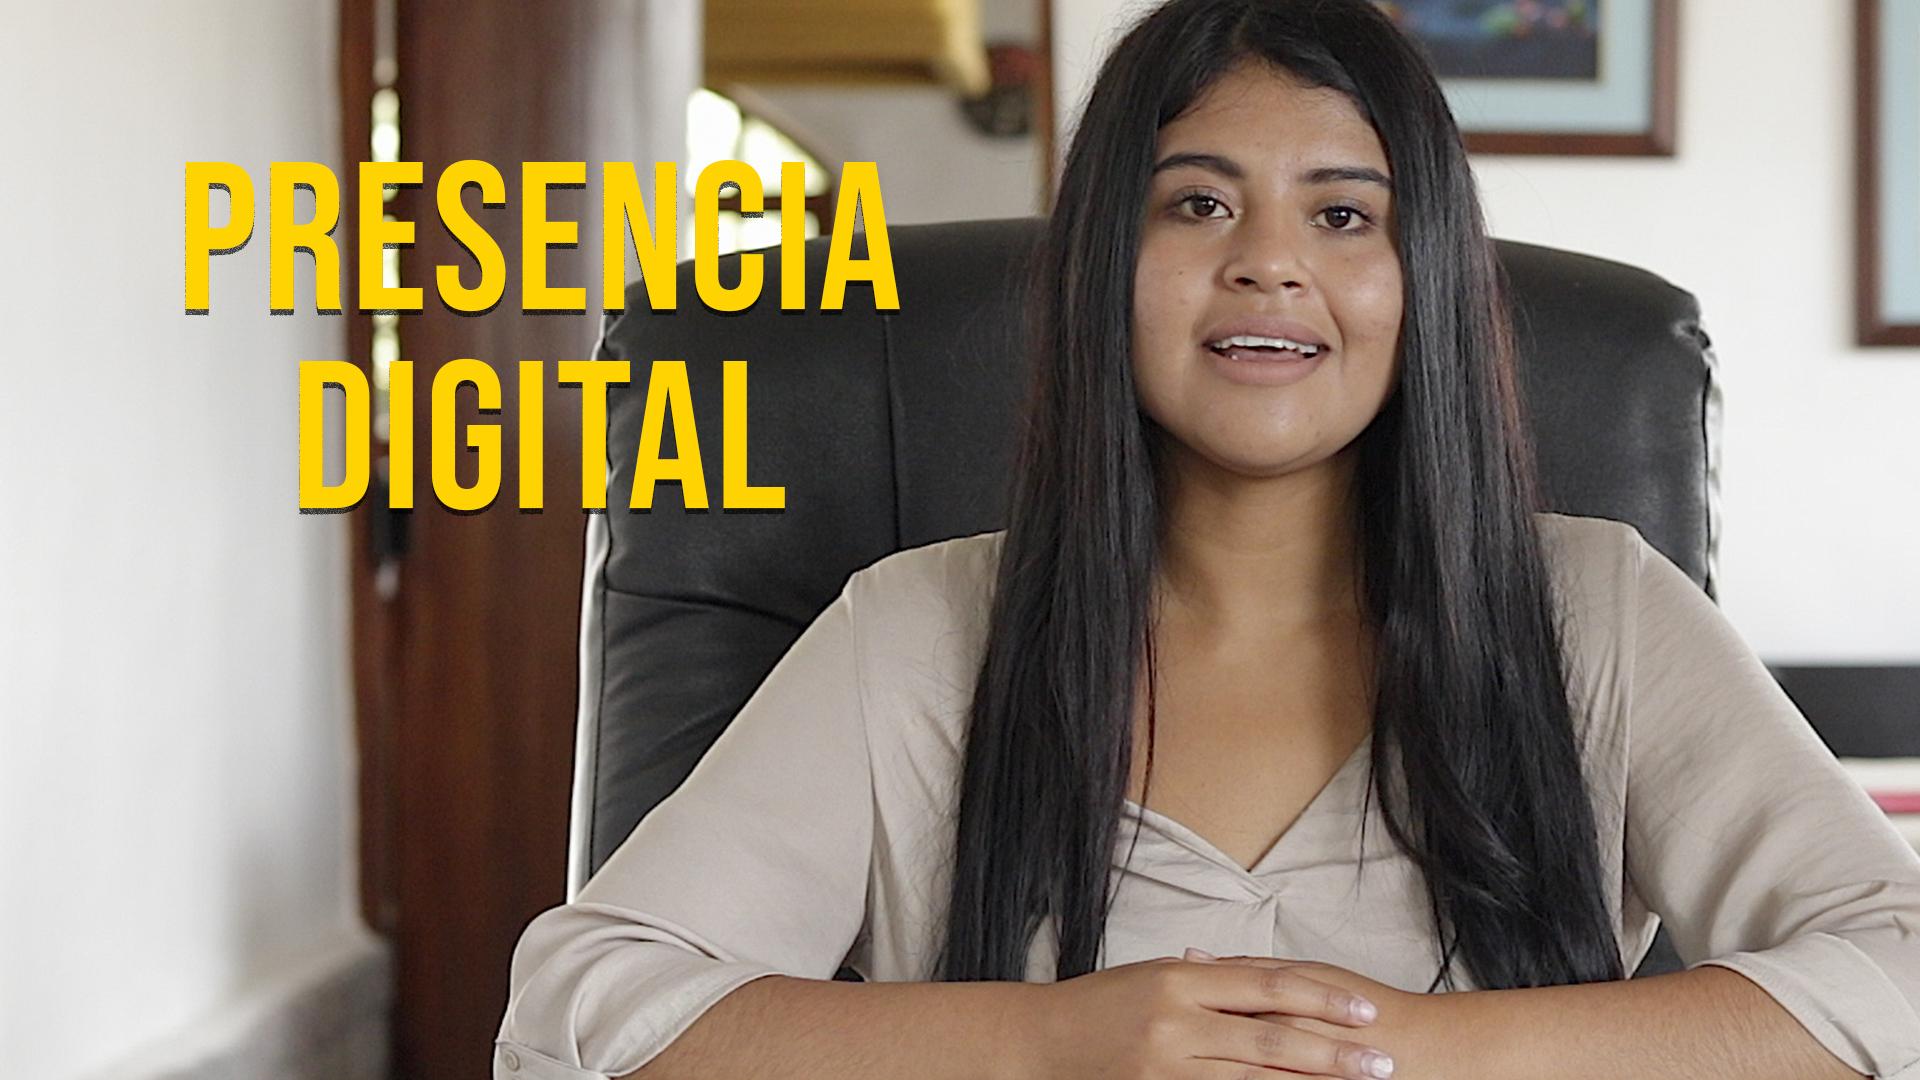 Consejos para Empezar tu Presencia Digital